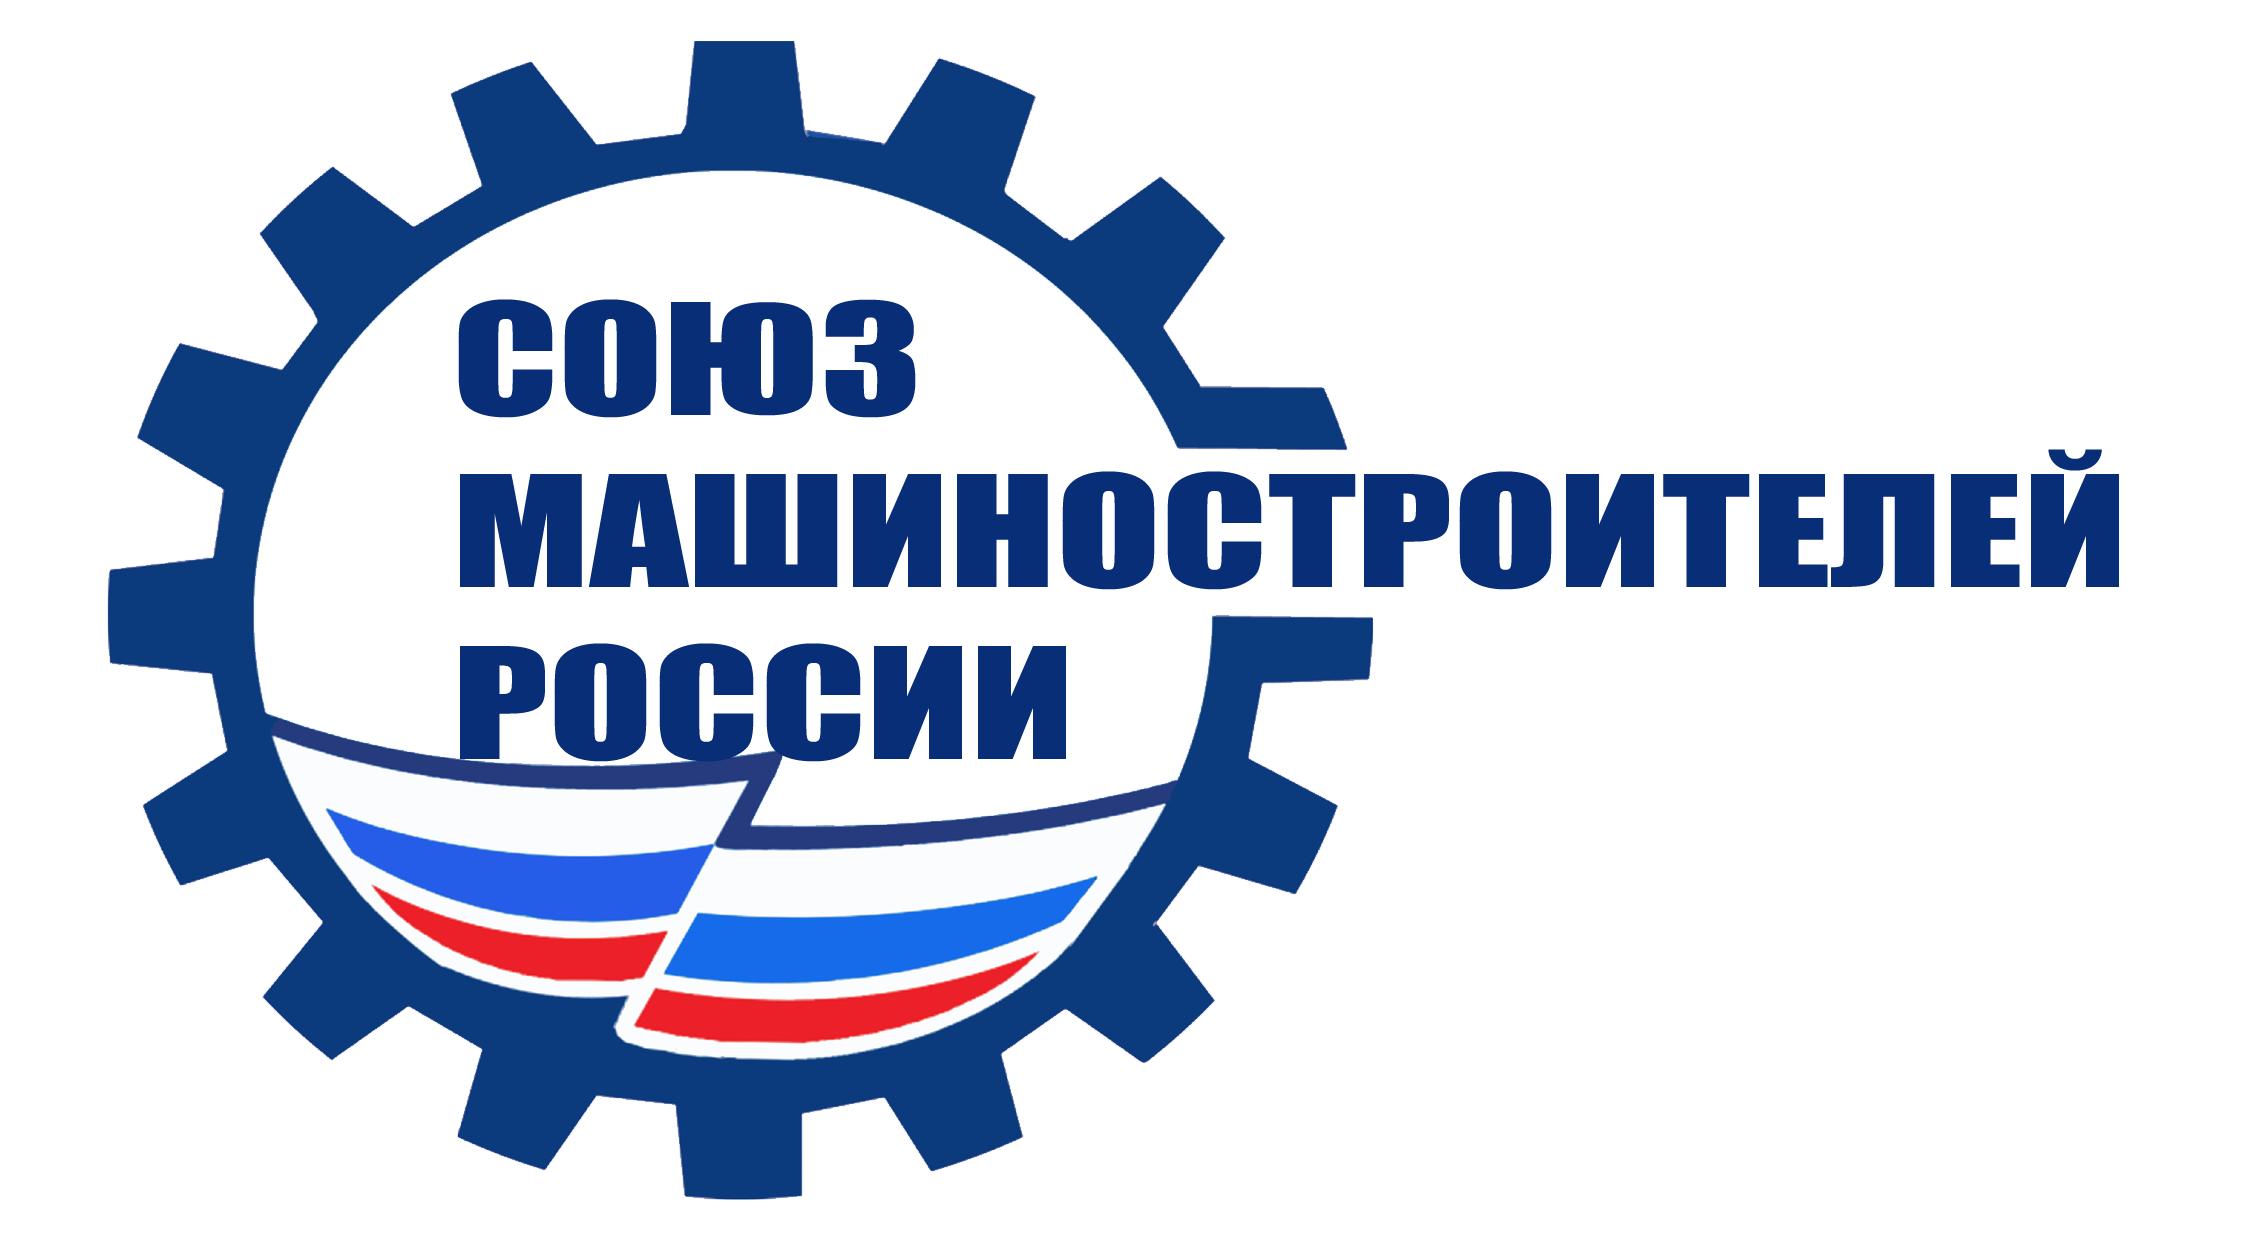 Первые премии имени Н. Макаровца вручили в Москве